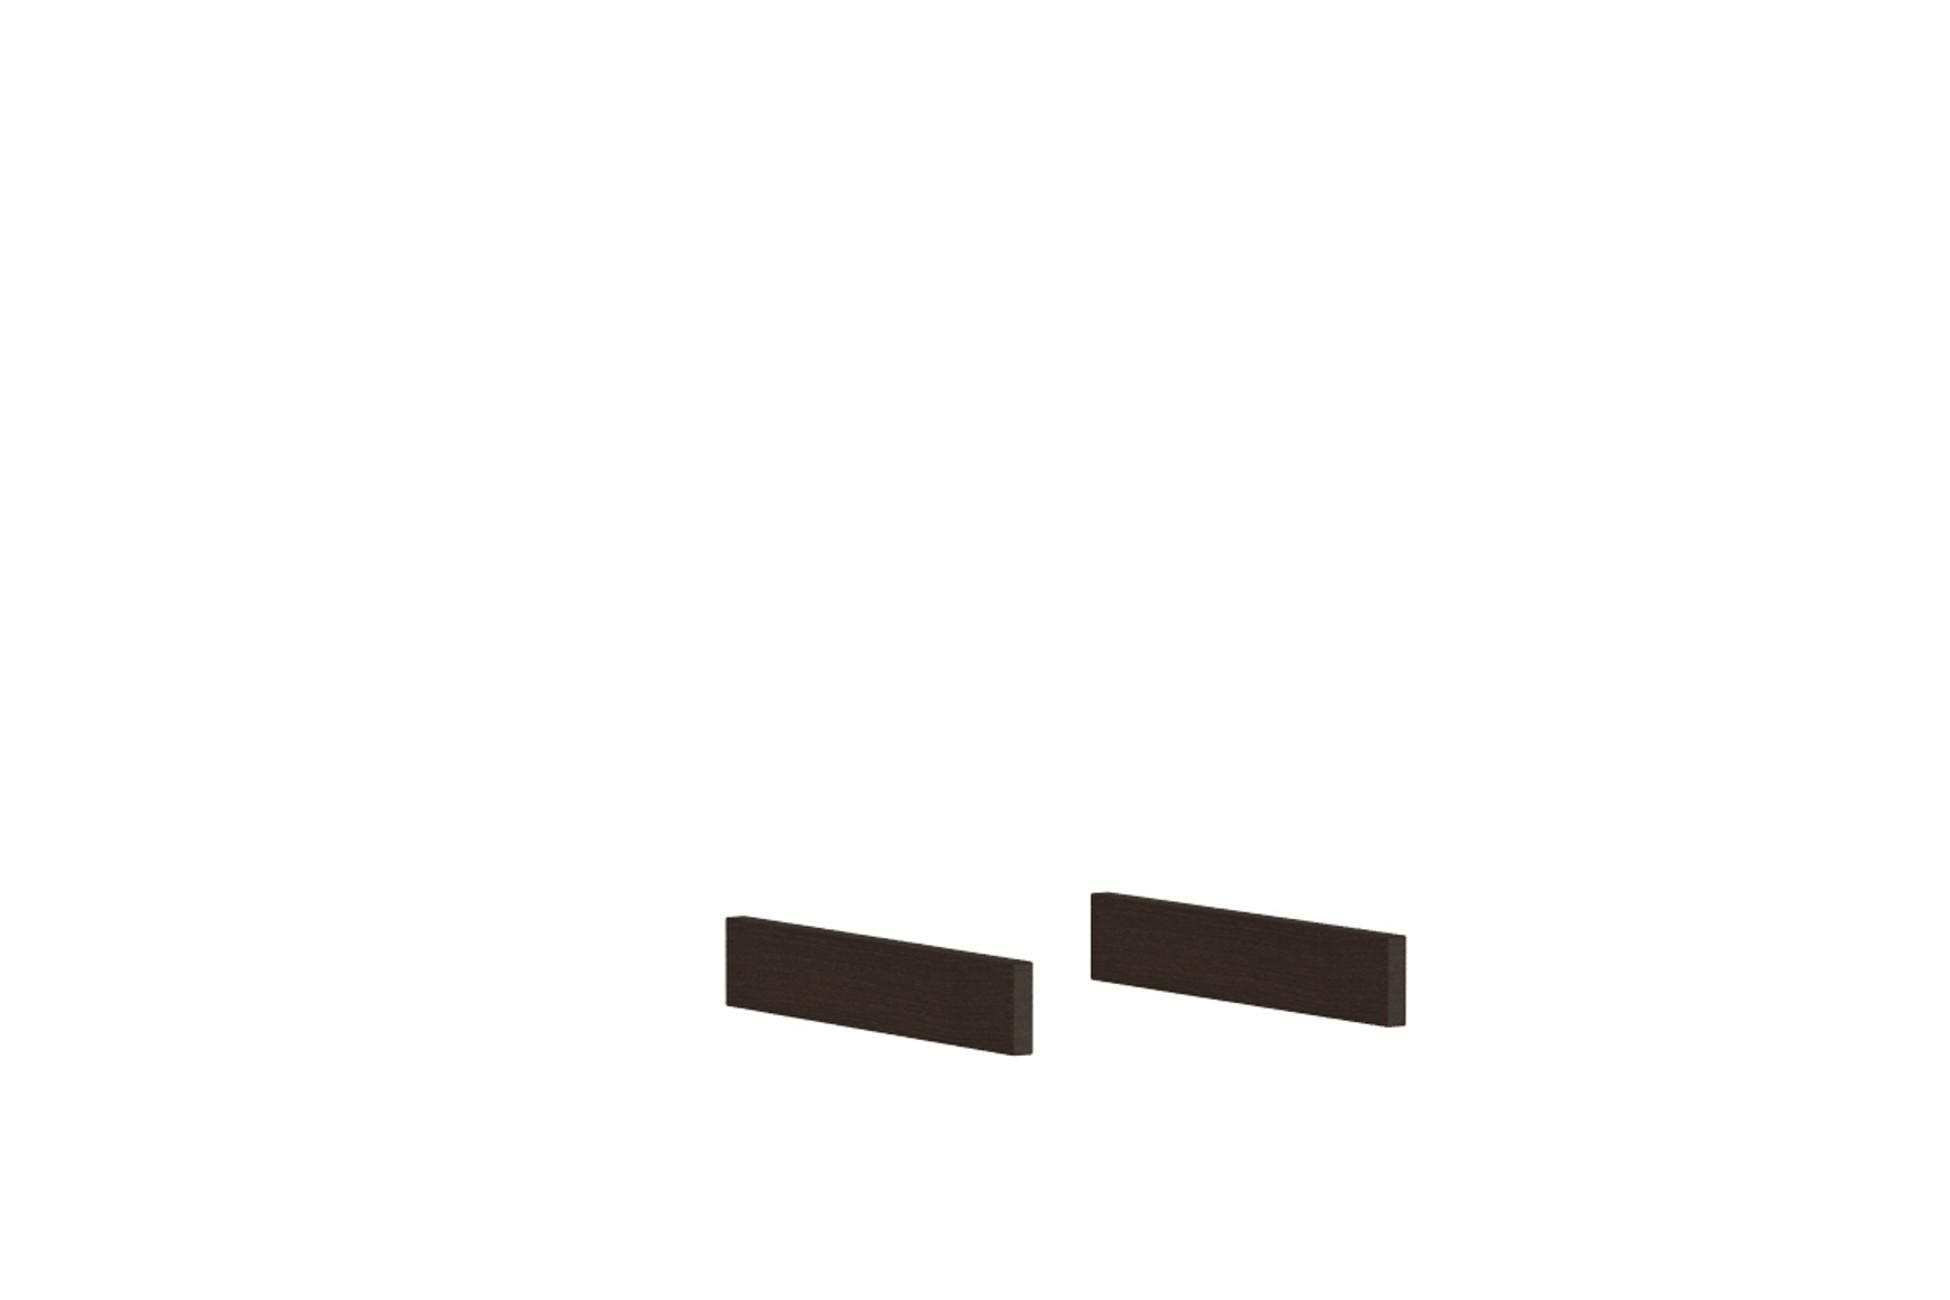 Комплект боковых цоколей Глейс 83 Ангстрем фото